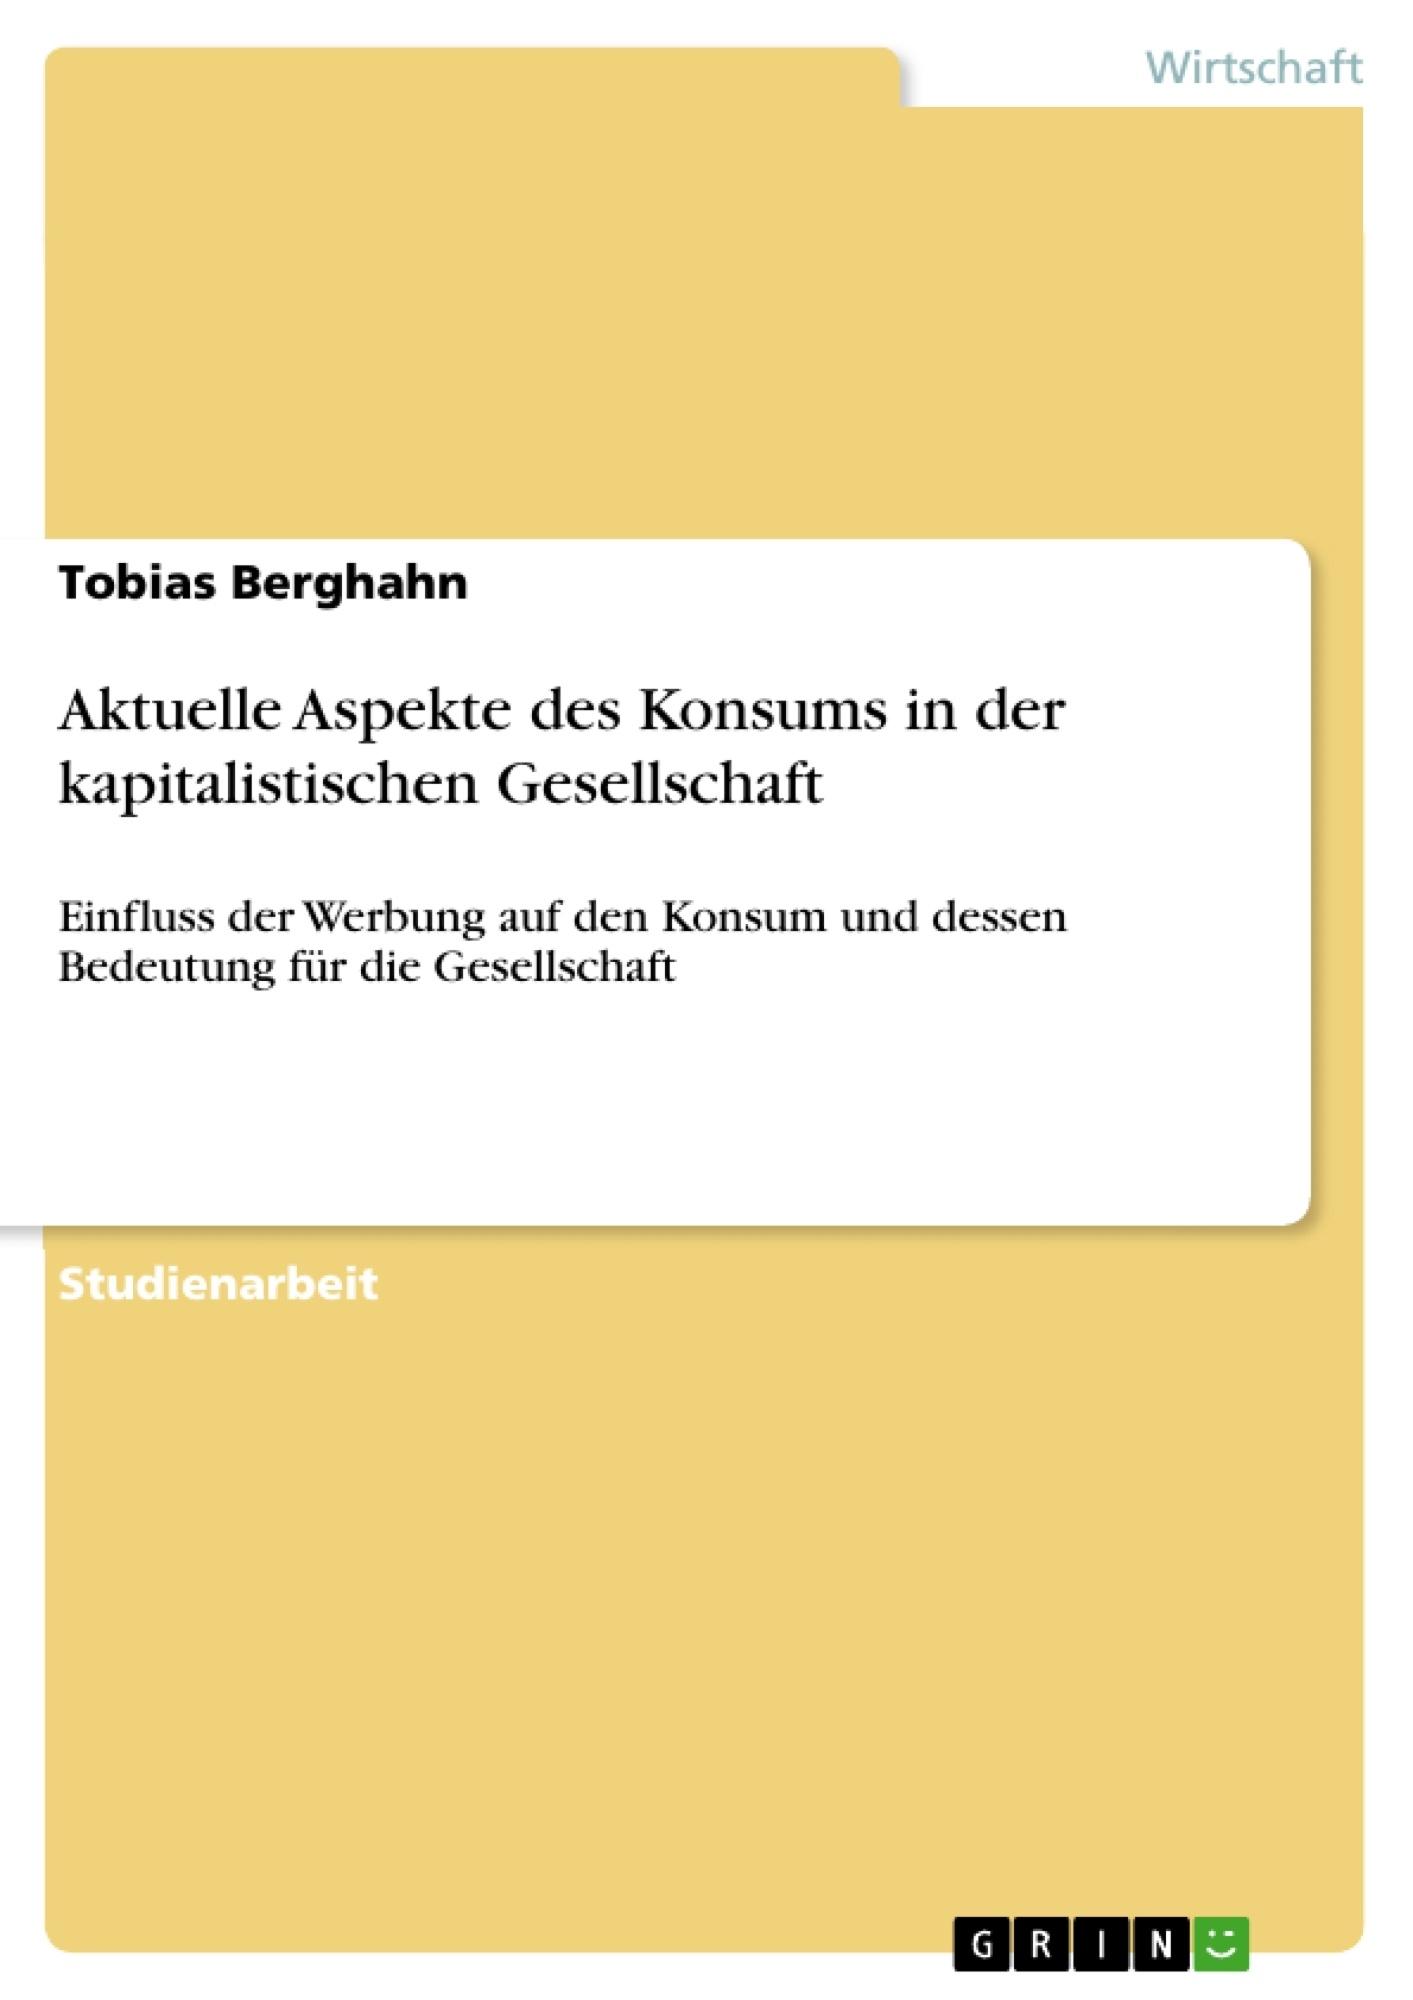 Titel: Aktuelle Aspekte des Konsums in der kapitalistischen Gesellschaft